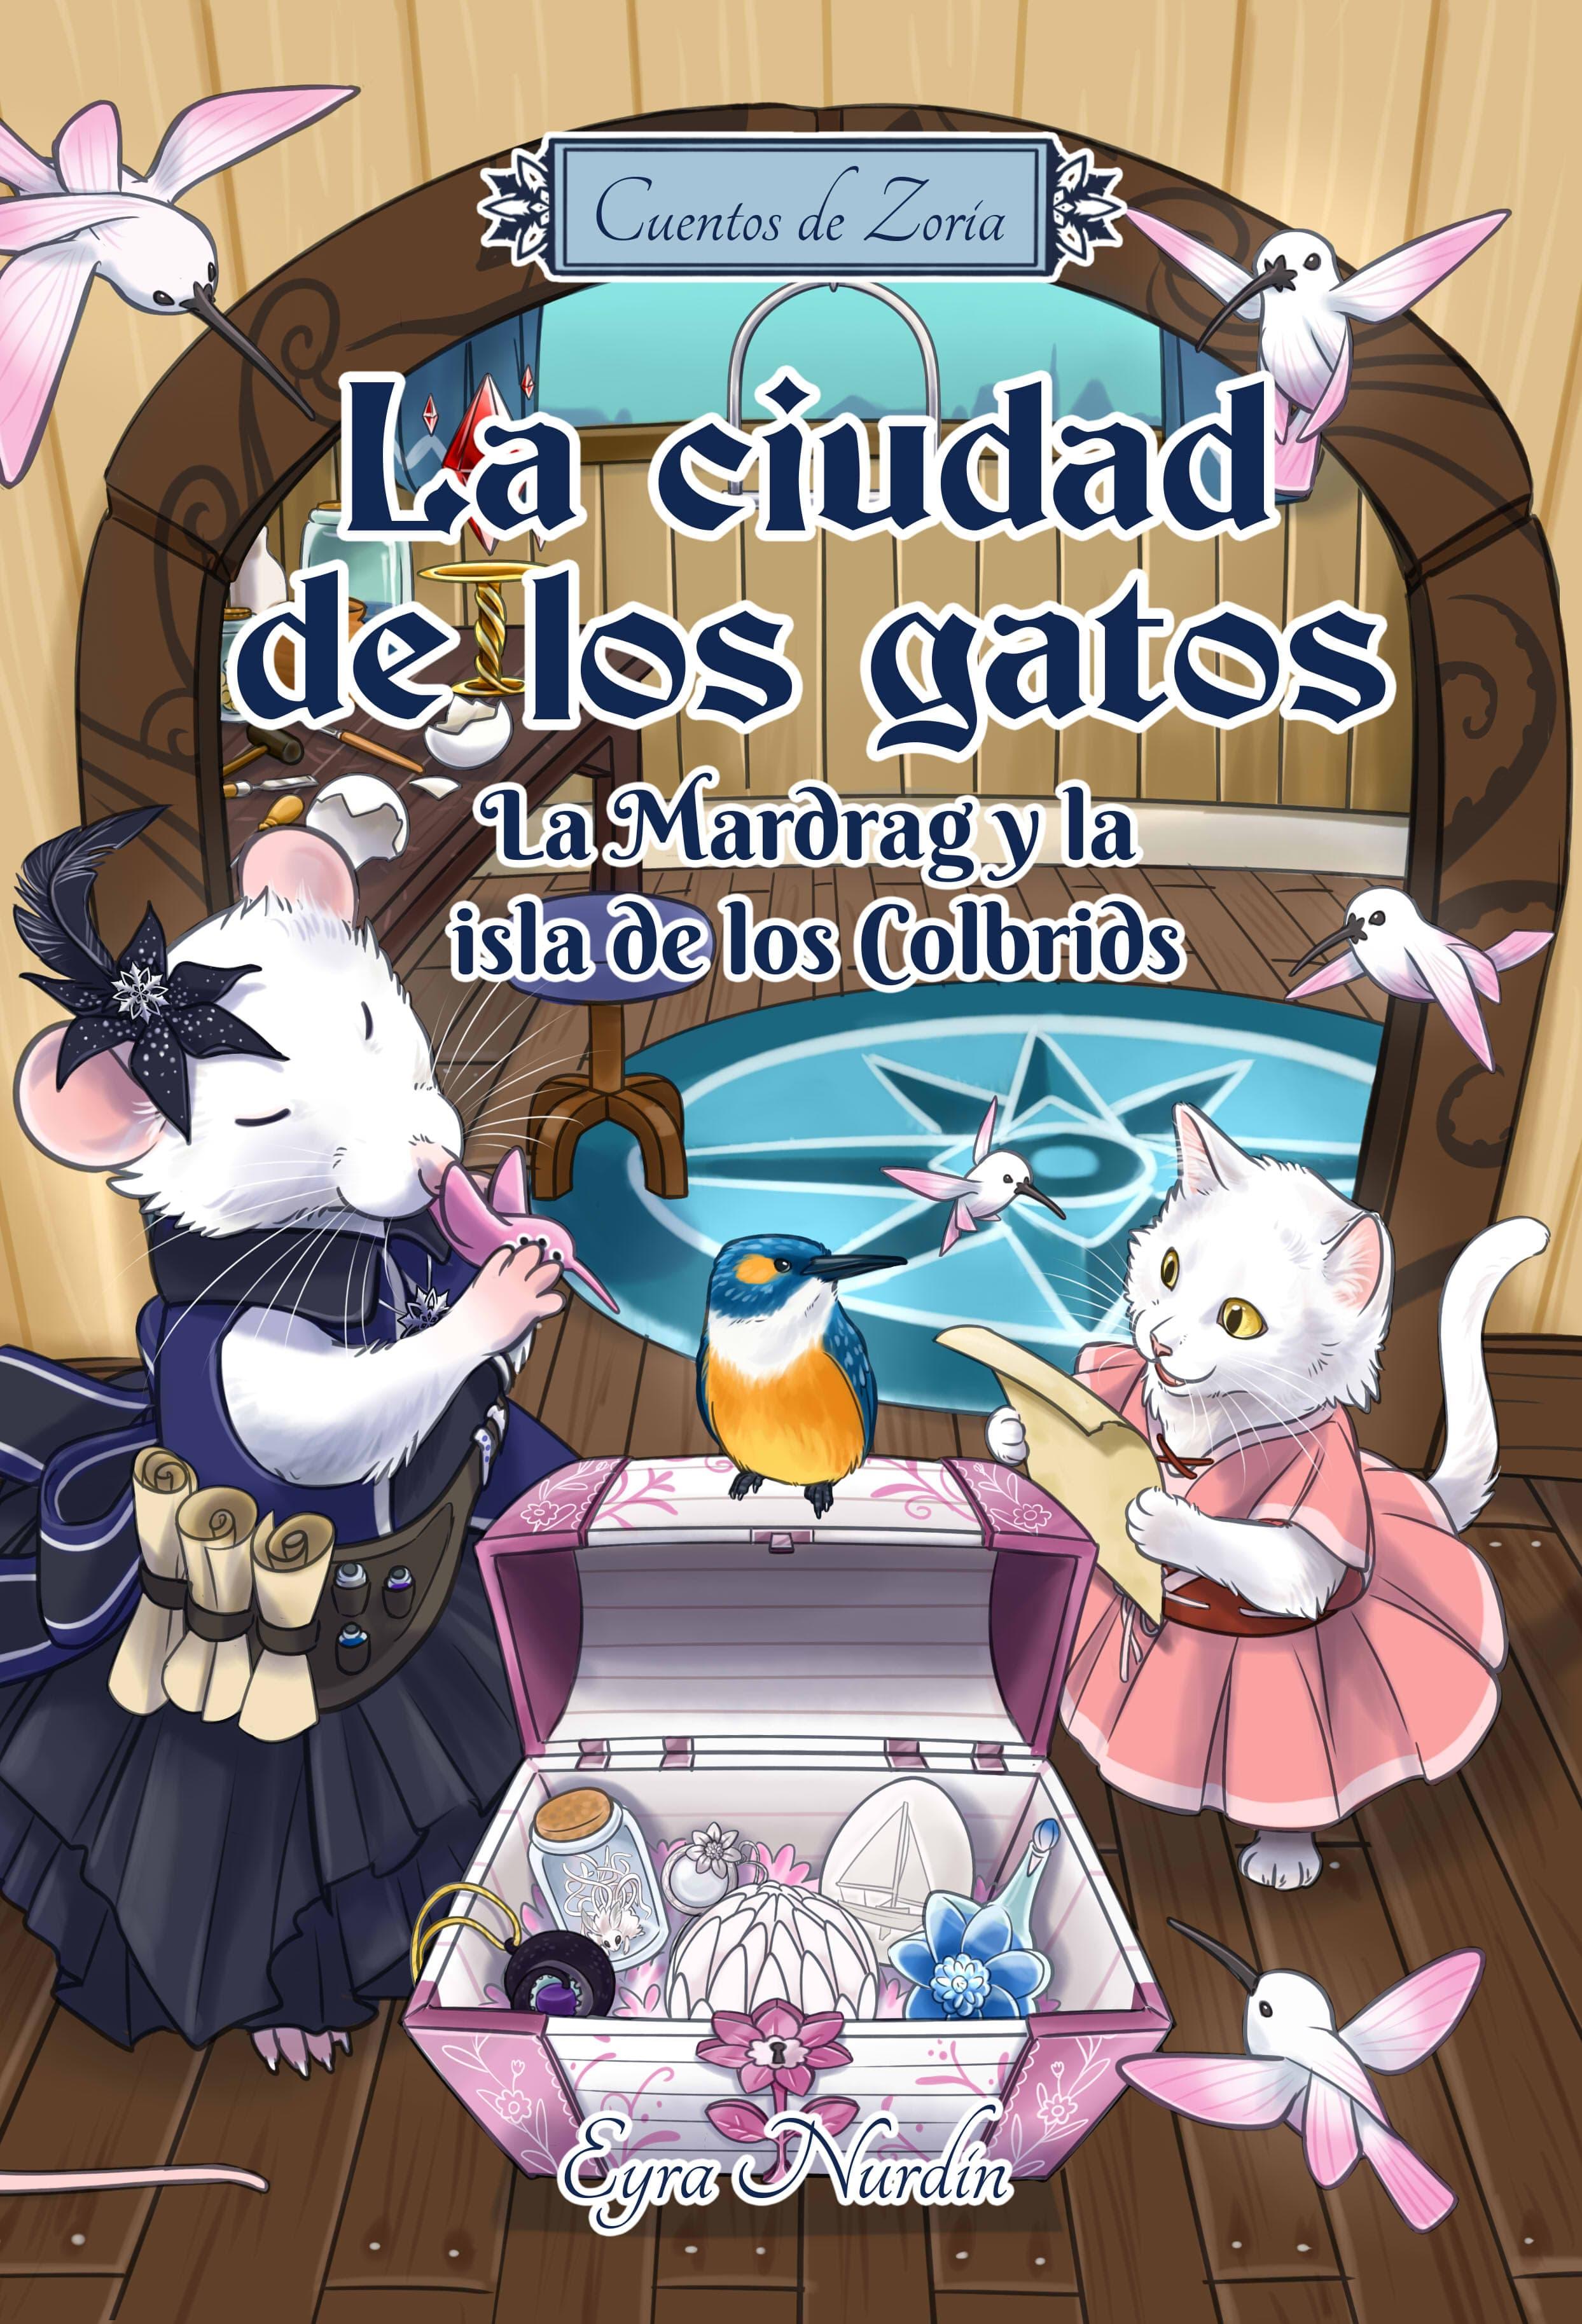 La ciudad de los gatos: La Mardrag y la isla de los Colbrids